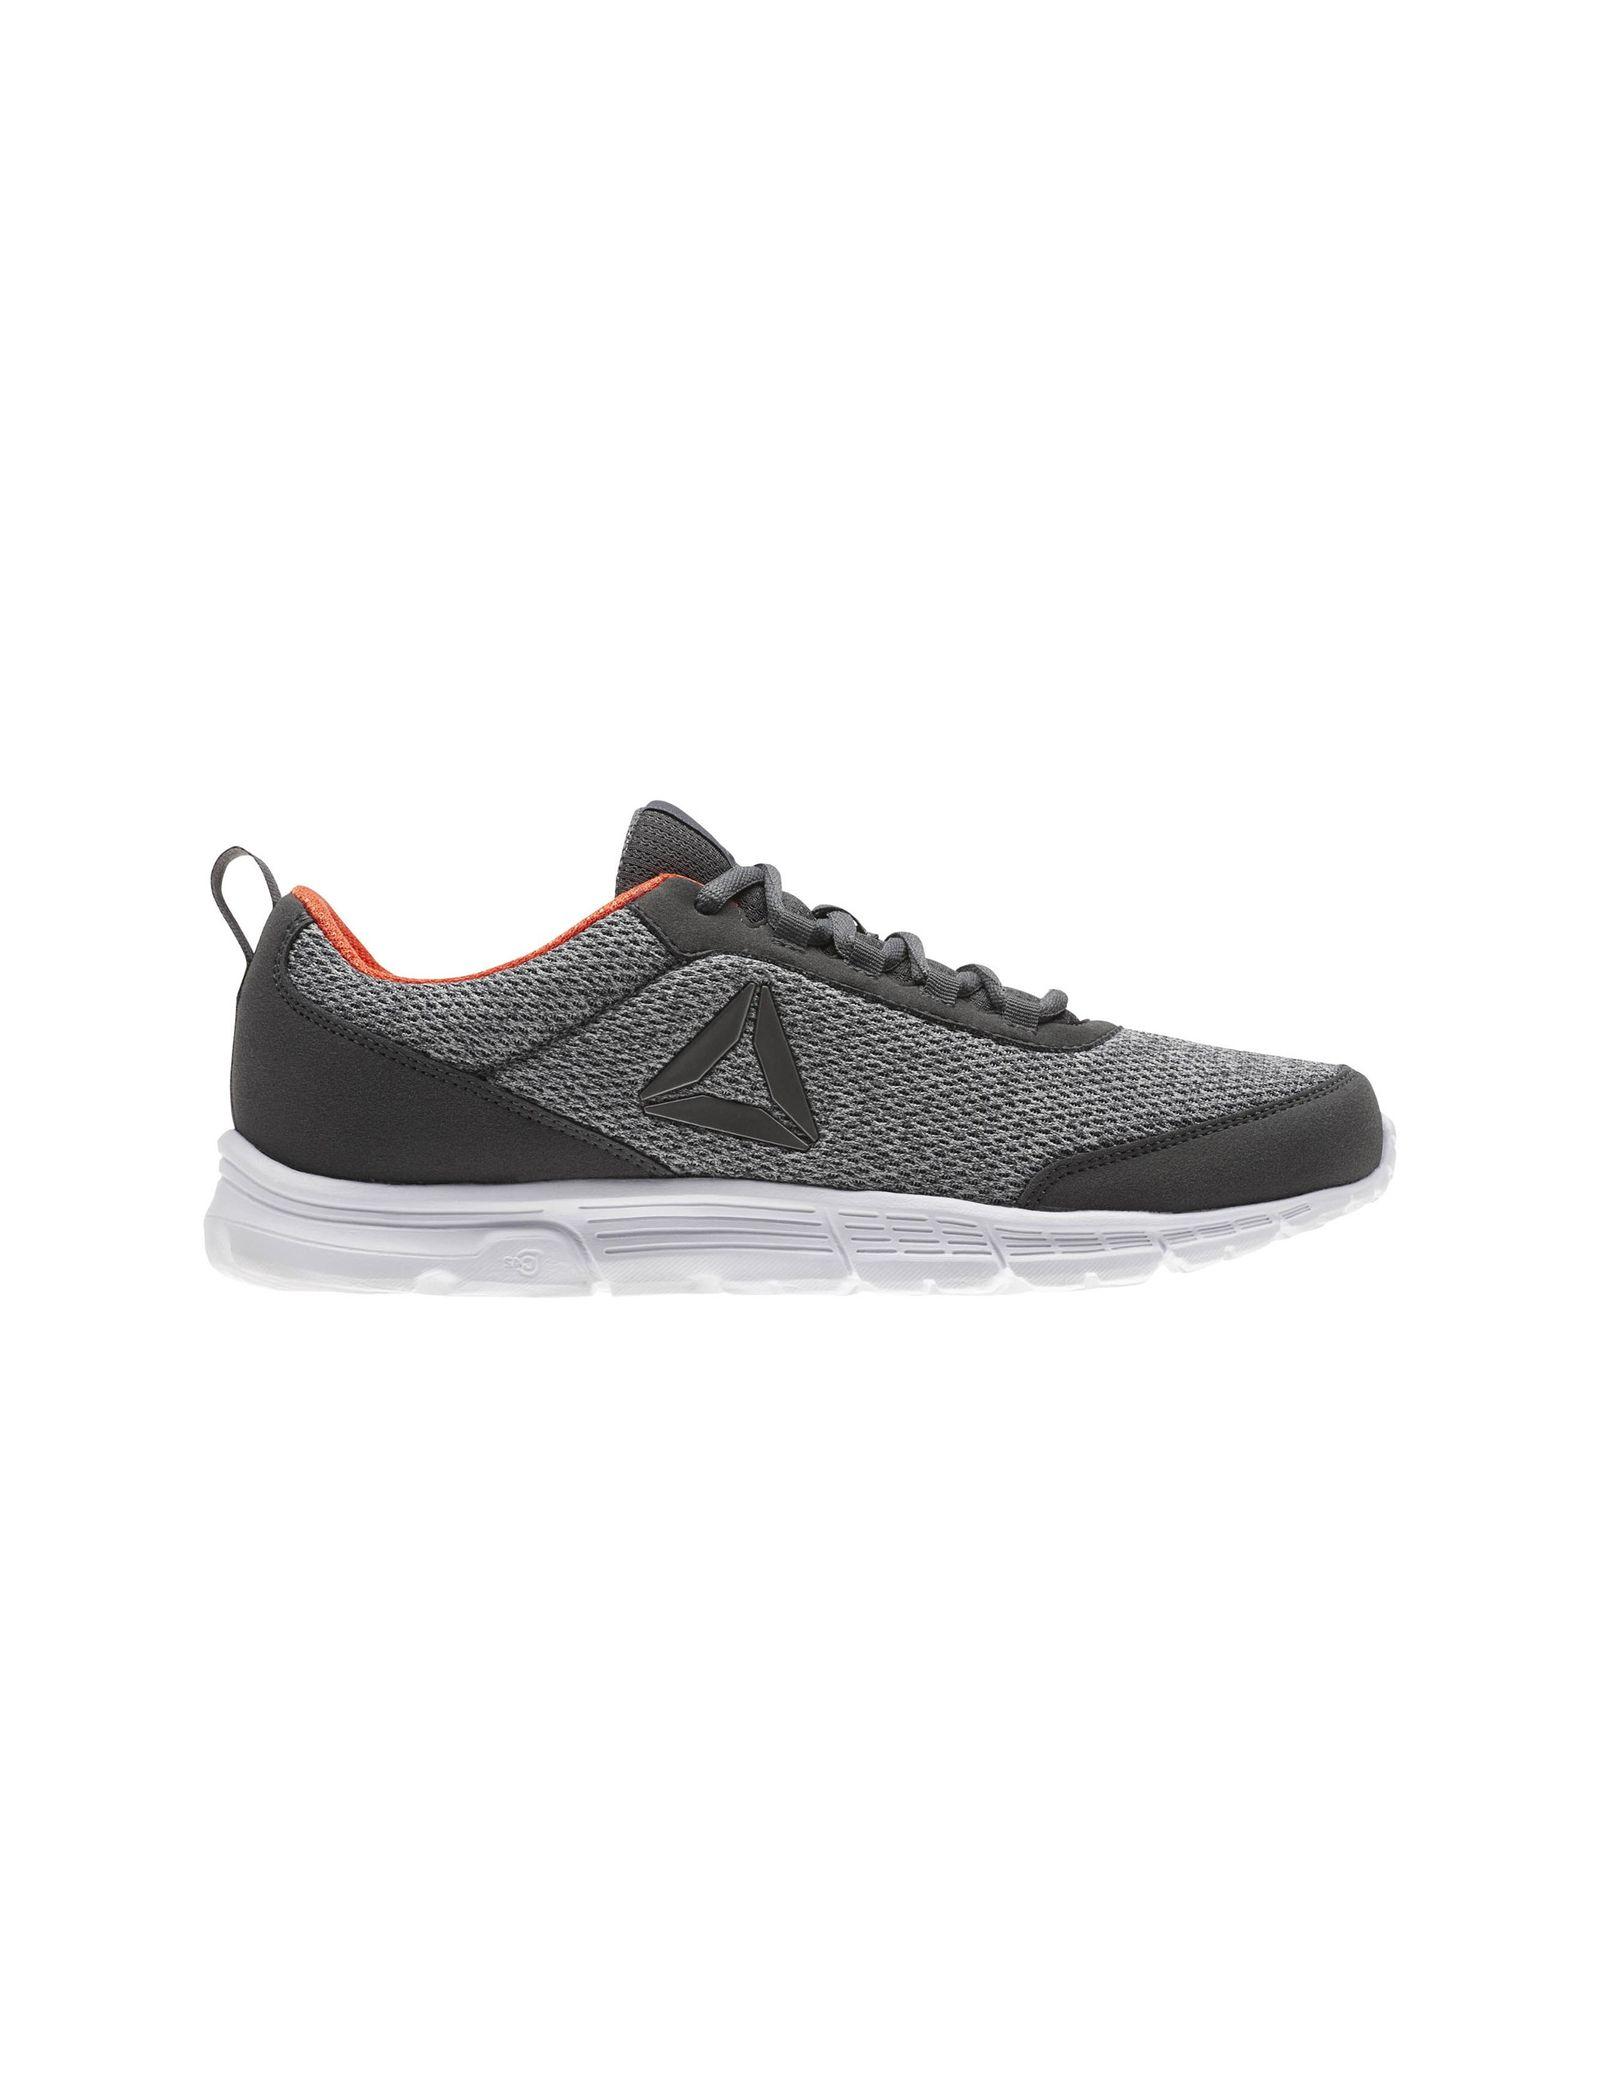 کفش مخصوص دویدن مردانه ریباک مدل Speedlux - طوسي - 1